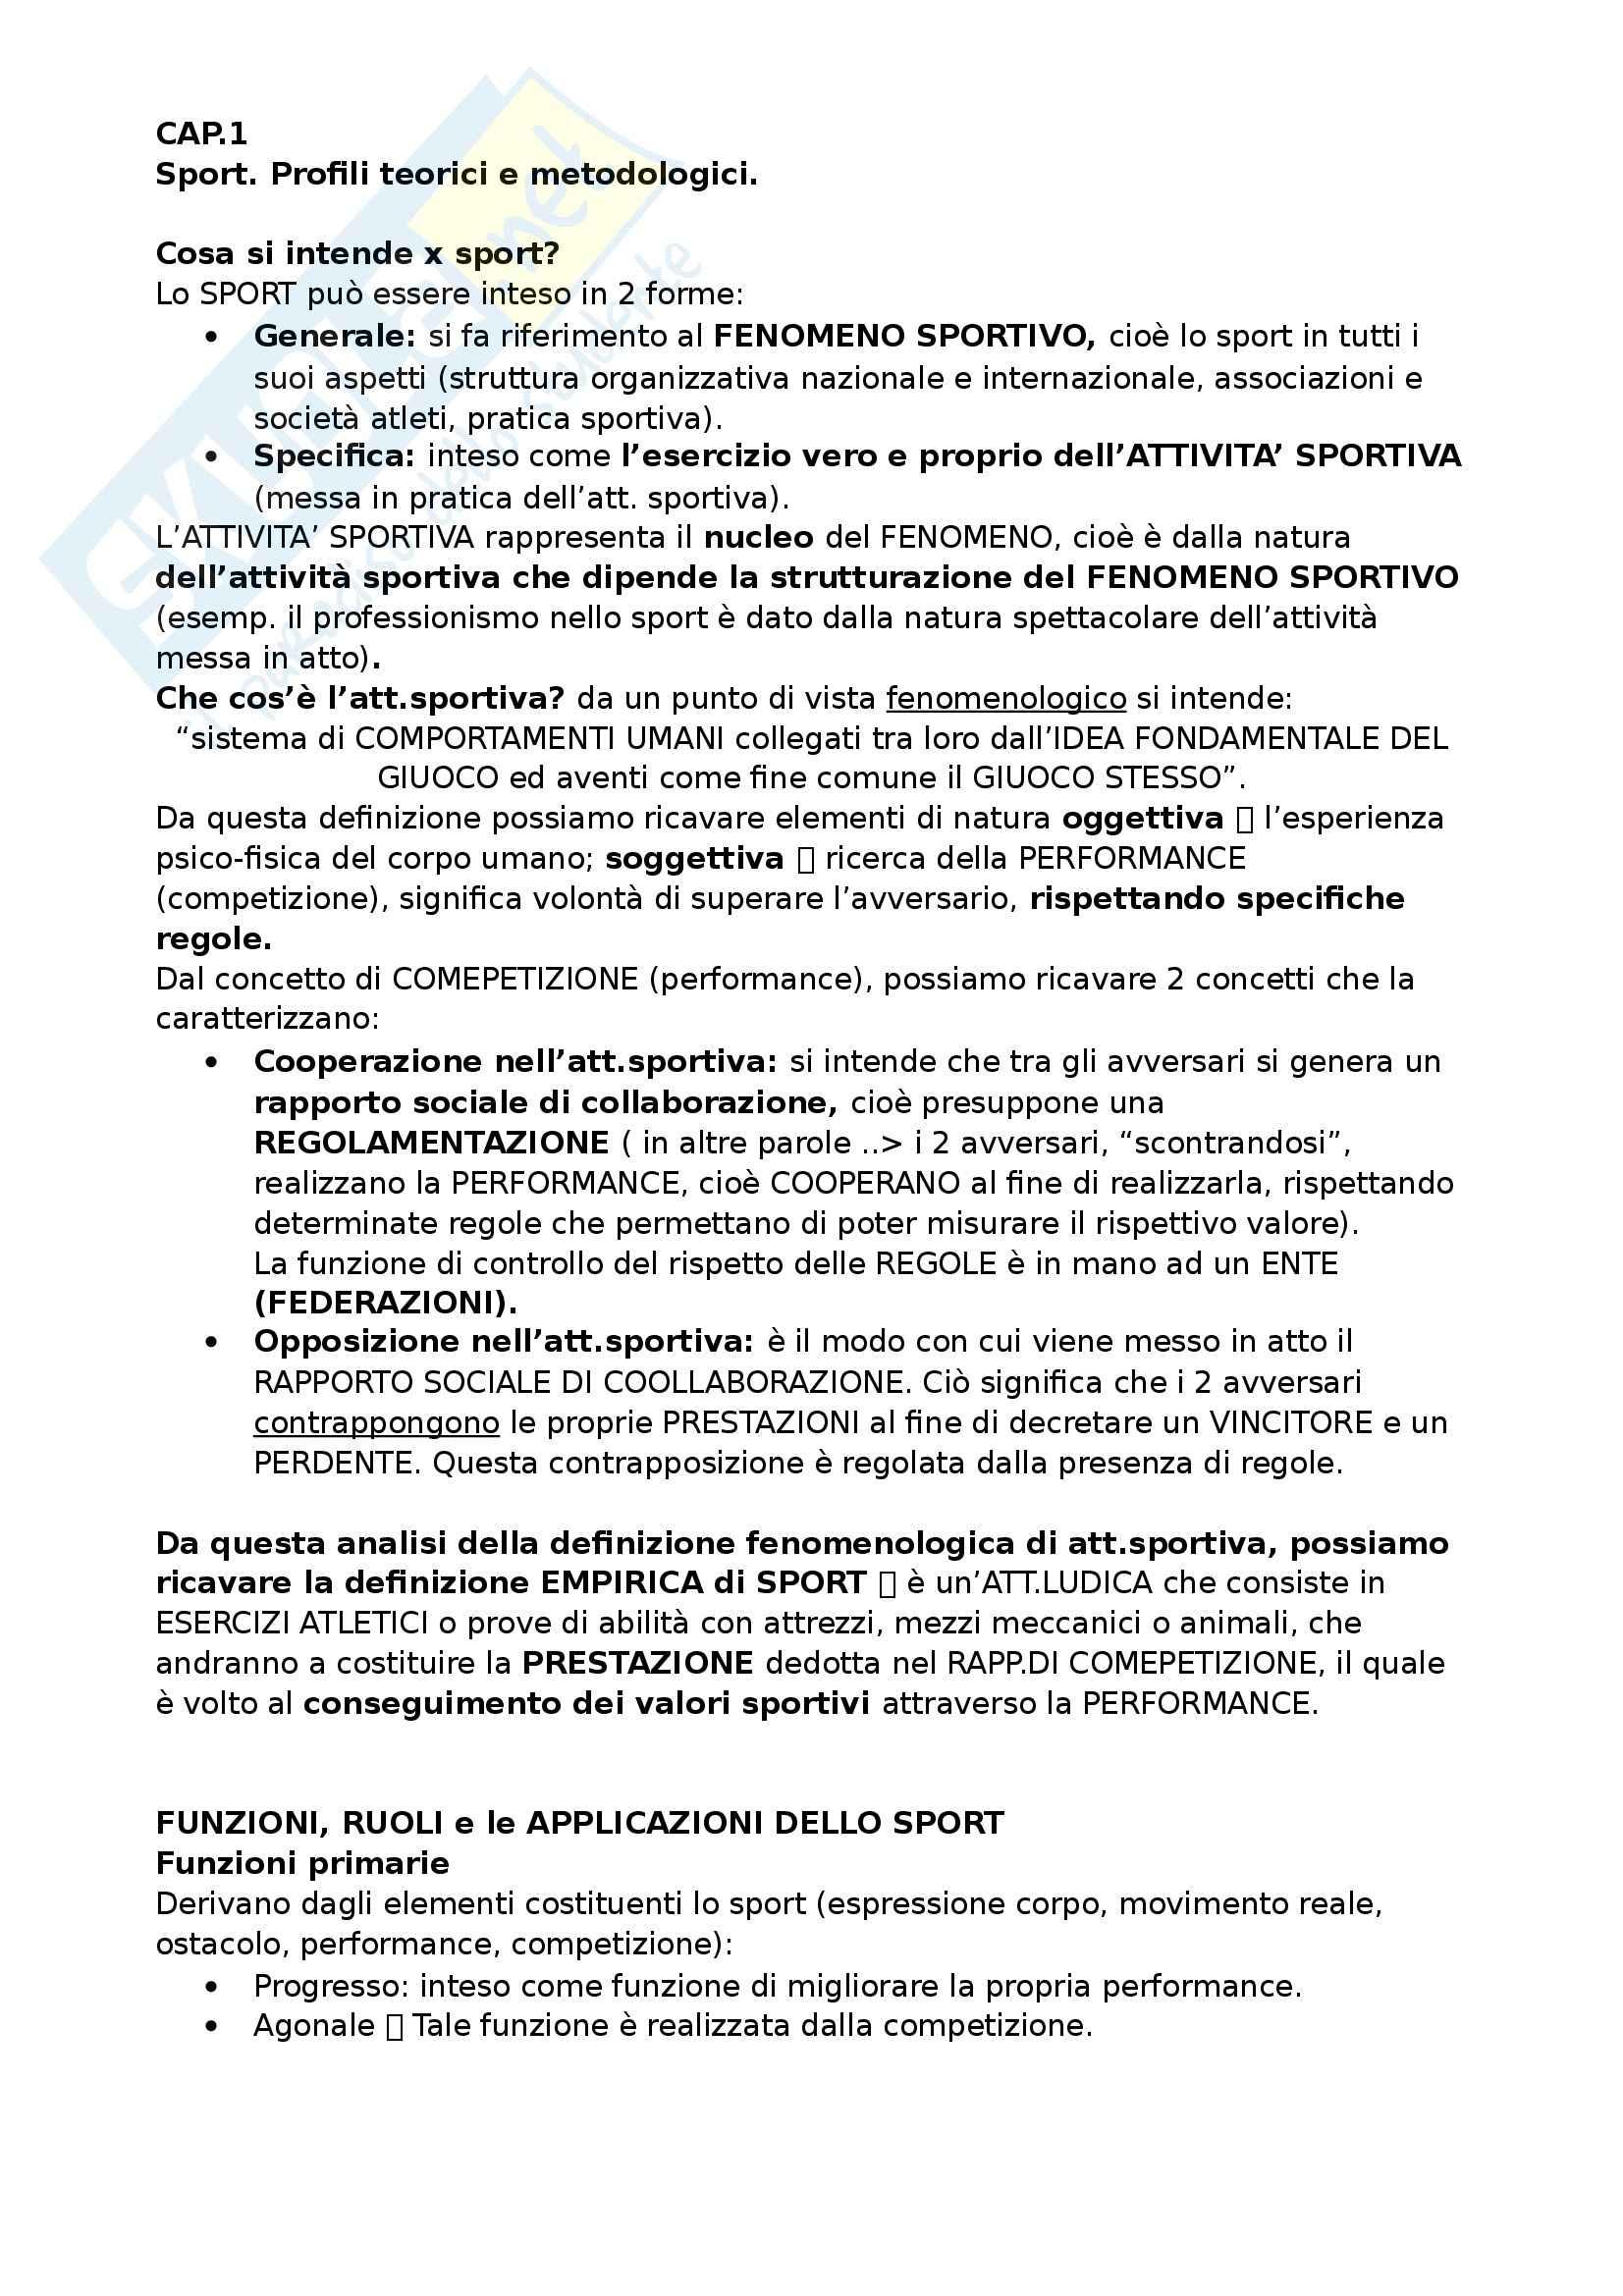 Diritto dello sport - Appunti